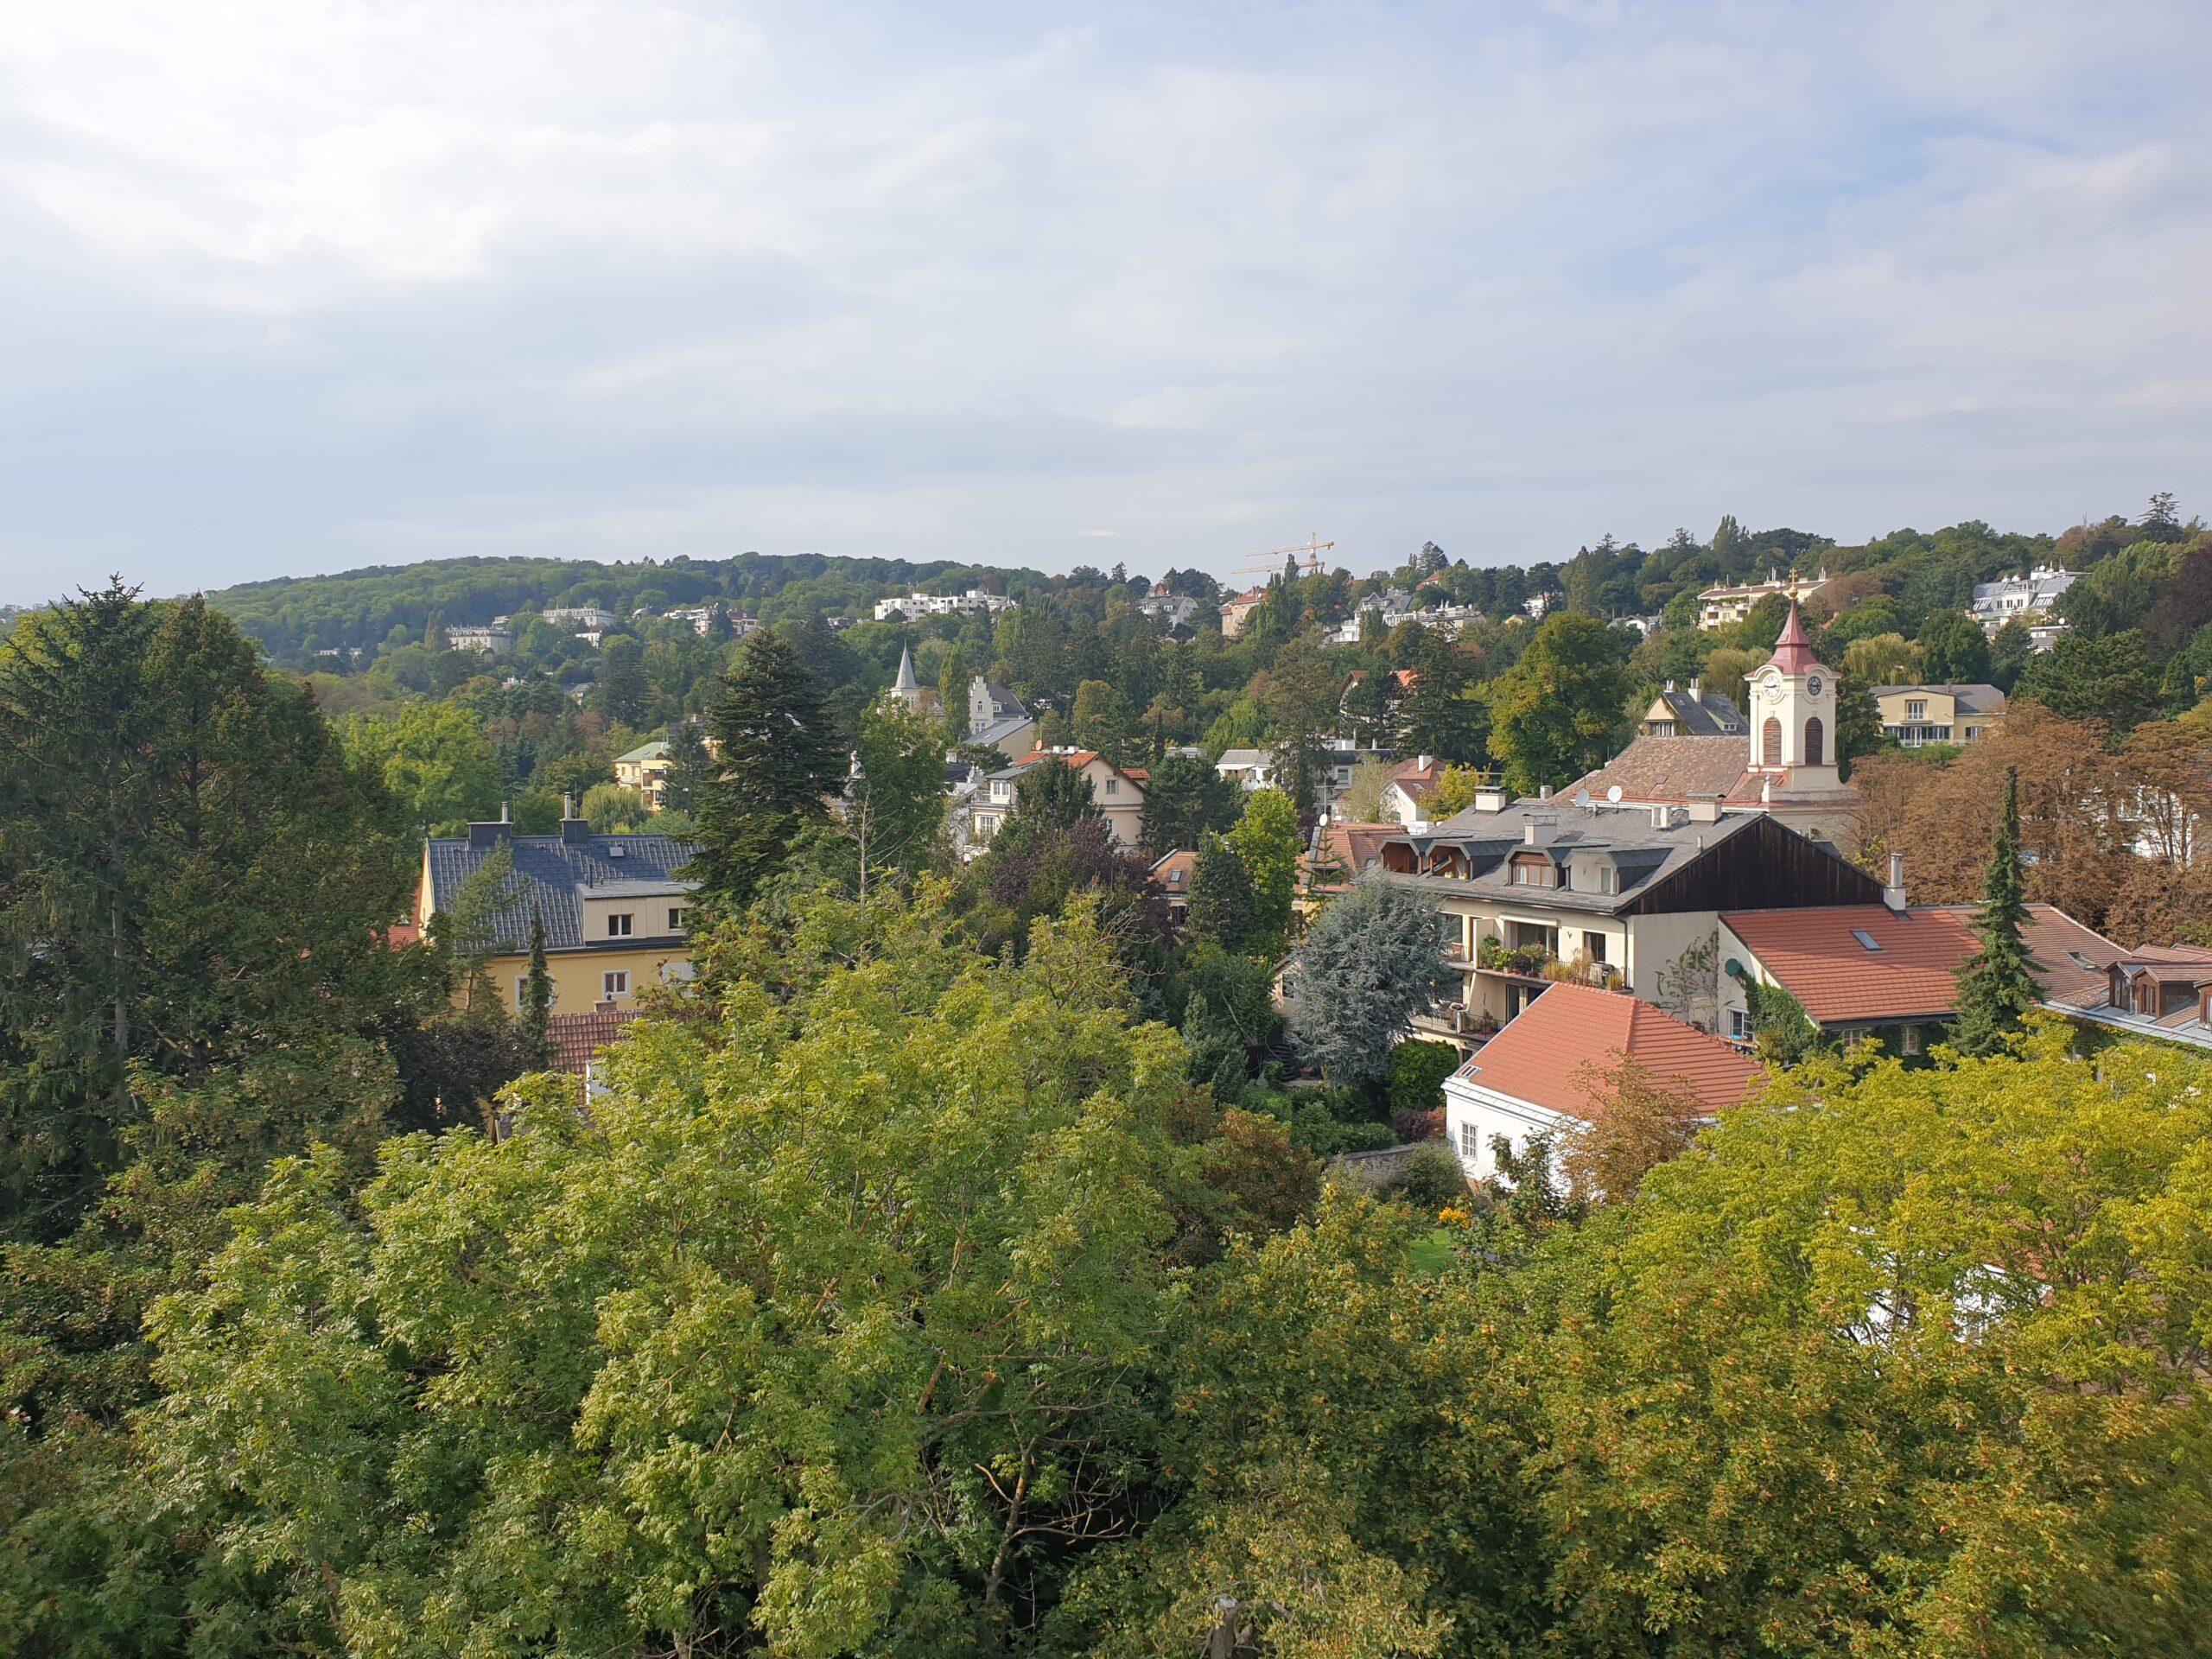 Pötzleinsdorf-kirche-kran-scaled